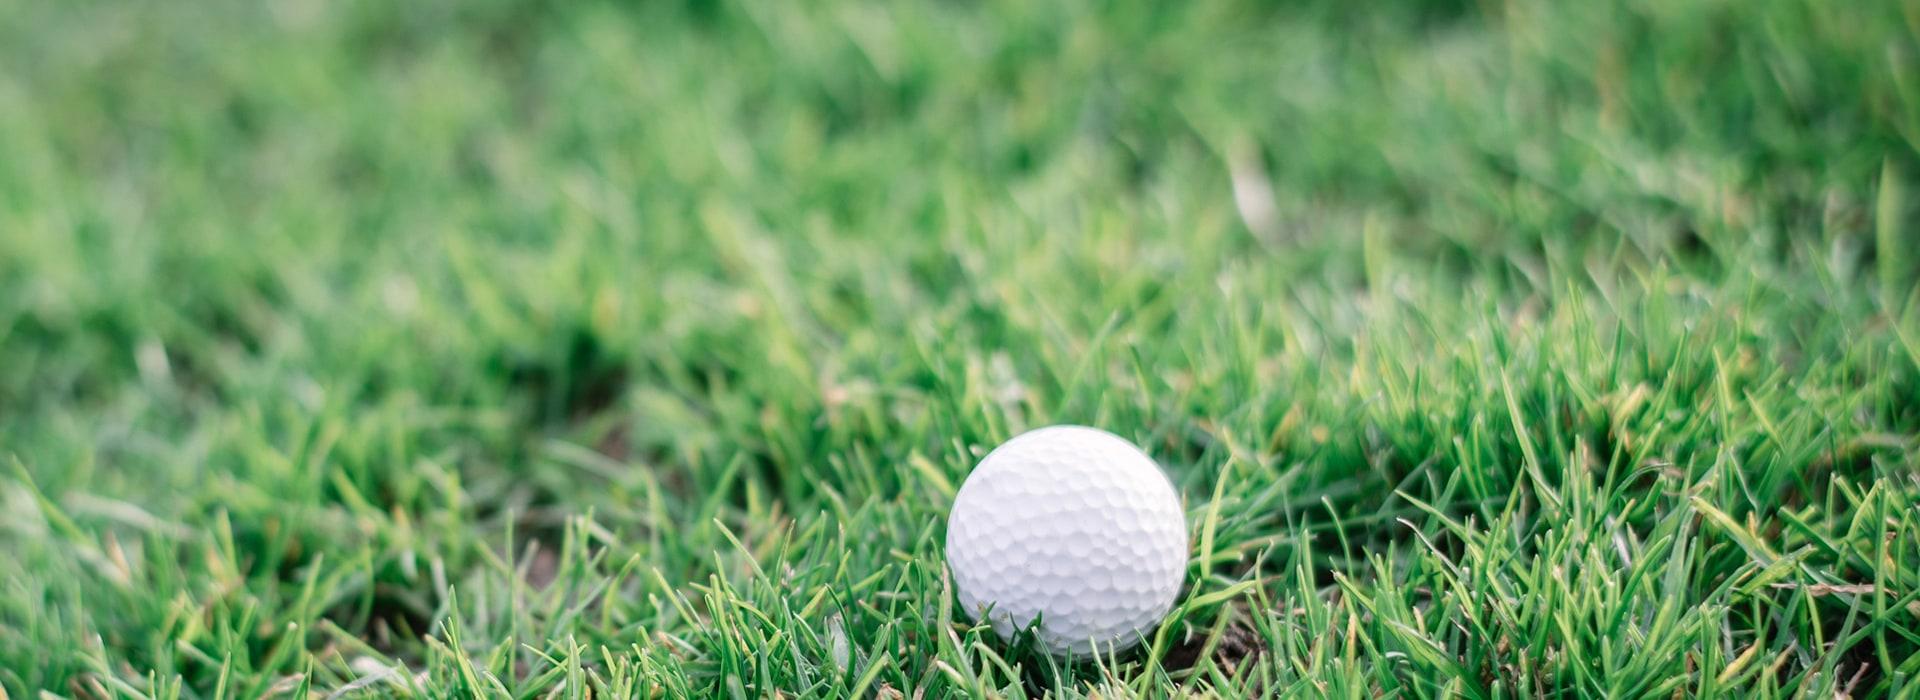 golf_course_18